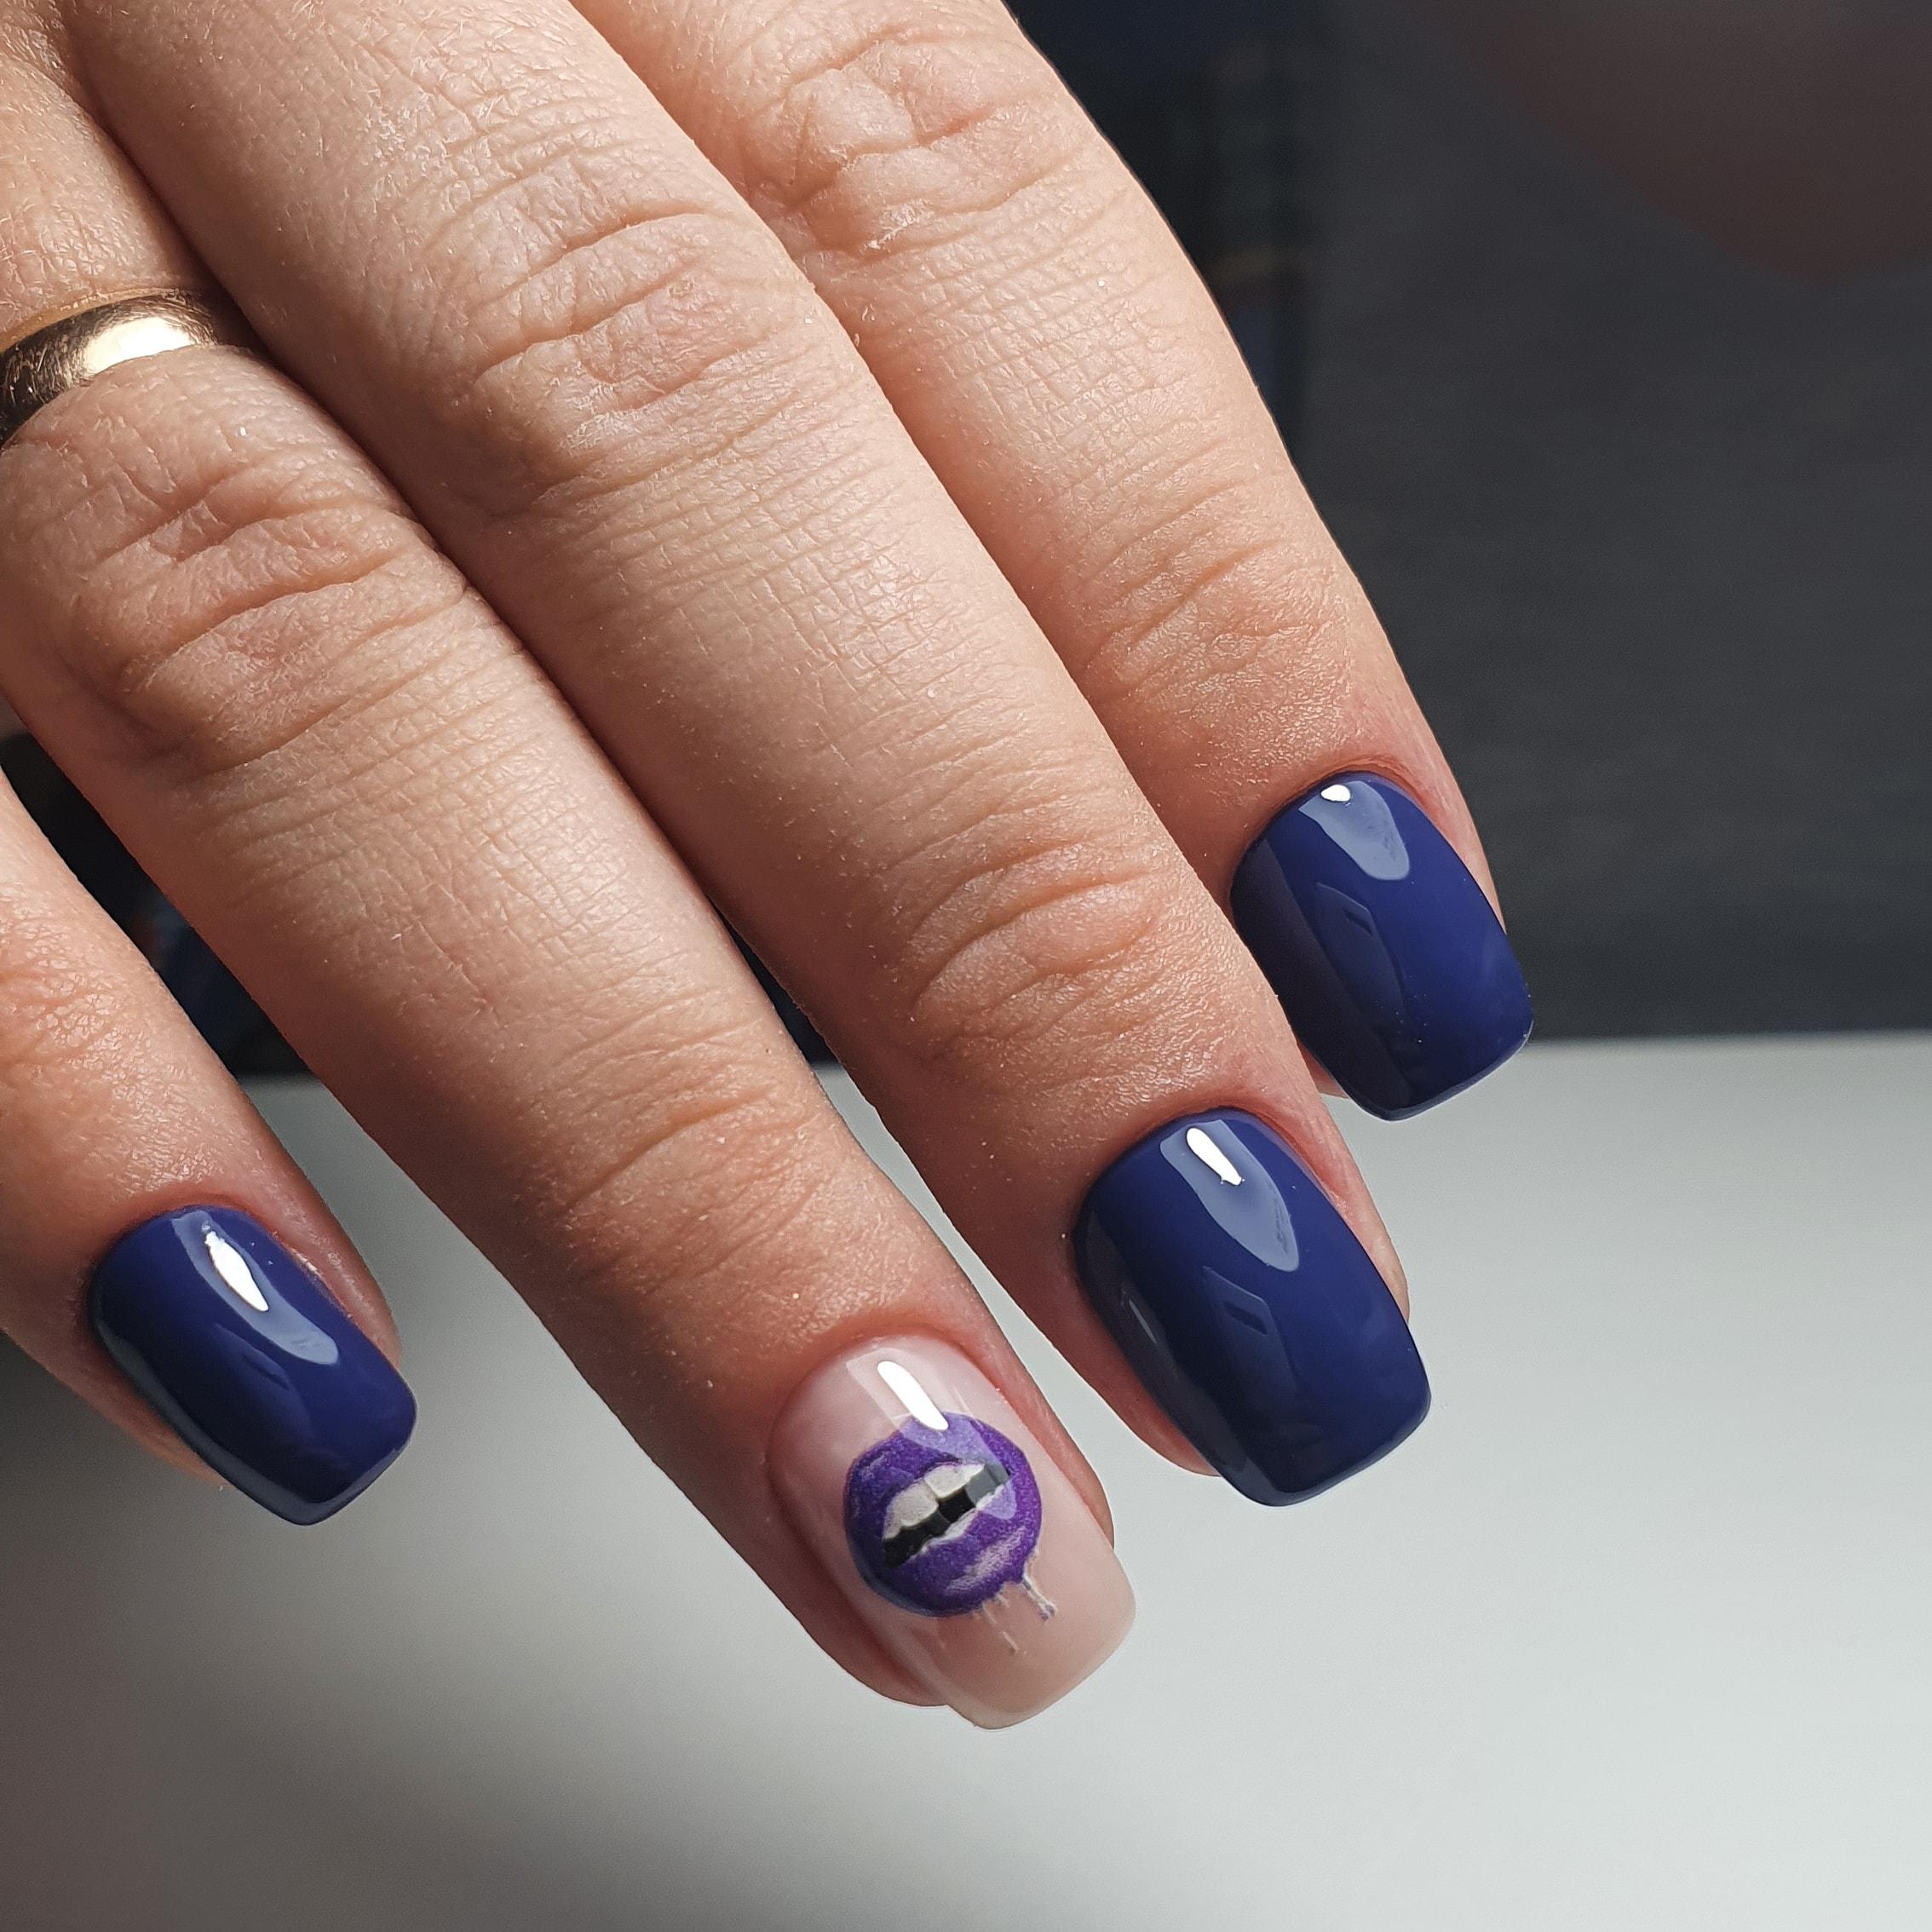 Маникюр со слайдером в синем цвете на короткие ногти.